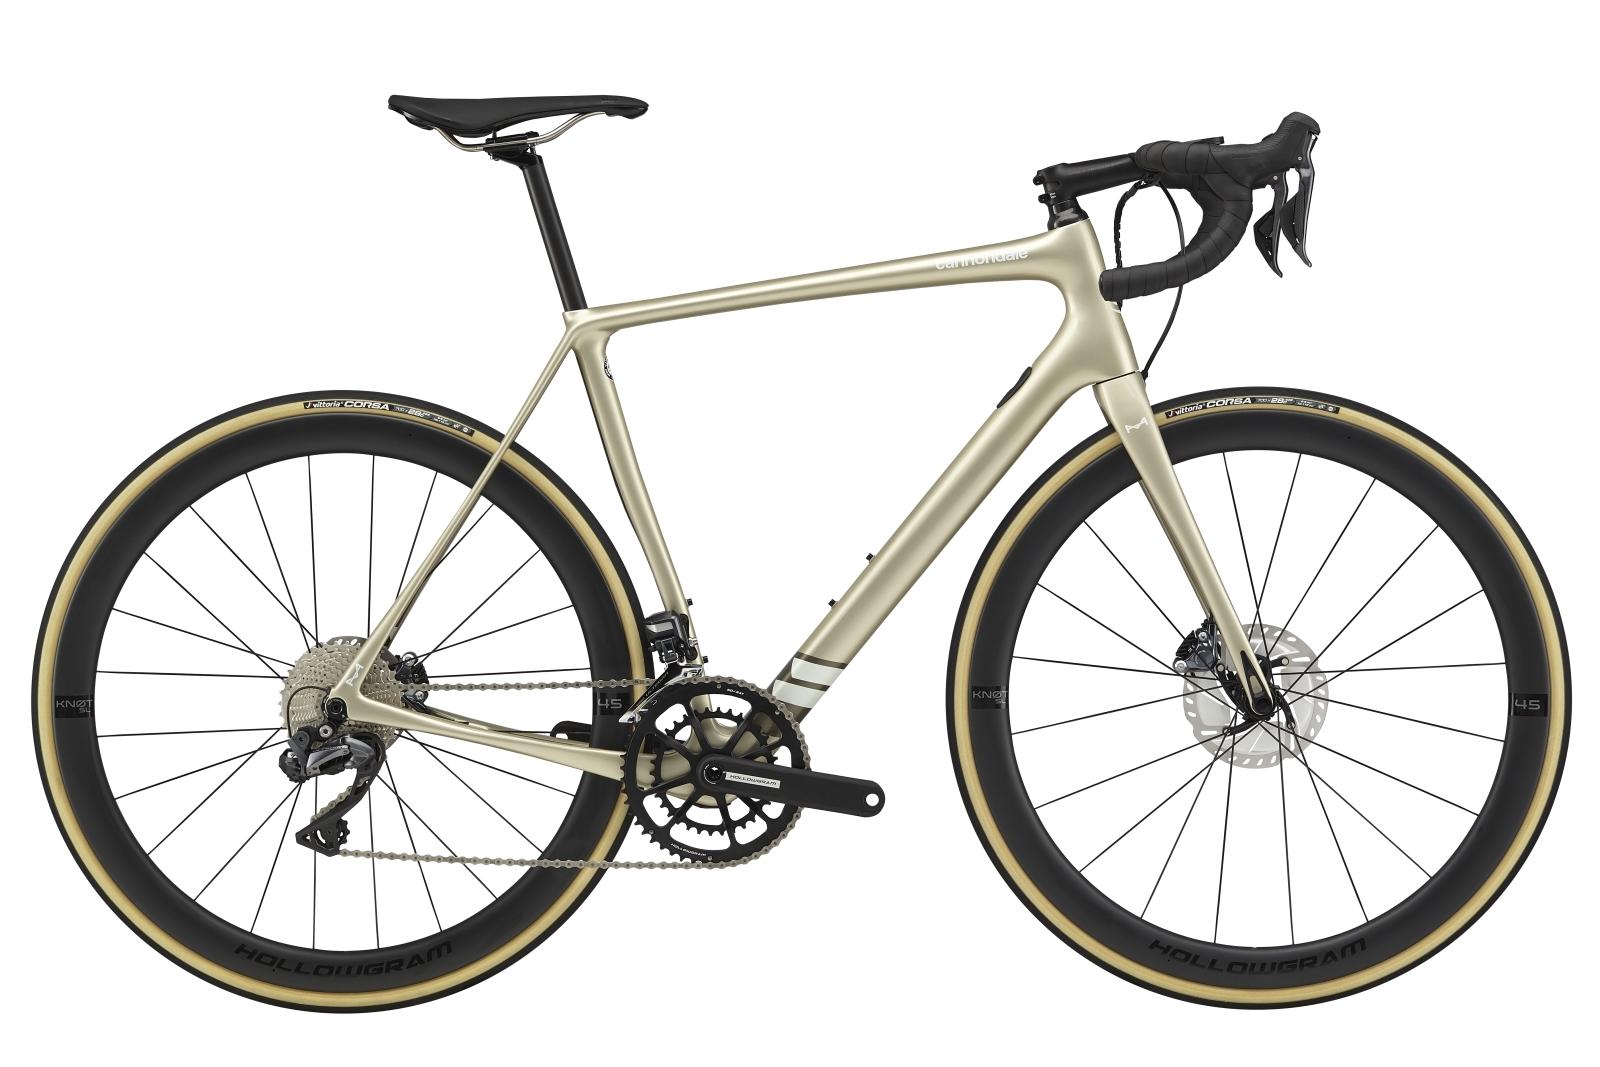 Cannondale Synapse Carbon Hi-MOD Disc Ultegra Di2 országúti kerékpár - pezsgő - 61 cm (2020)